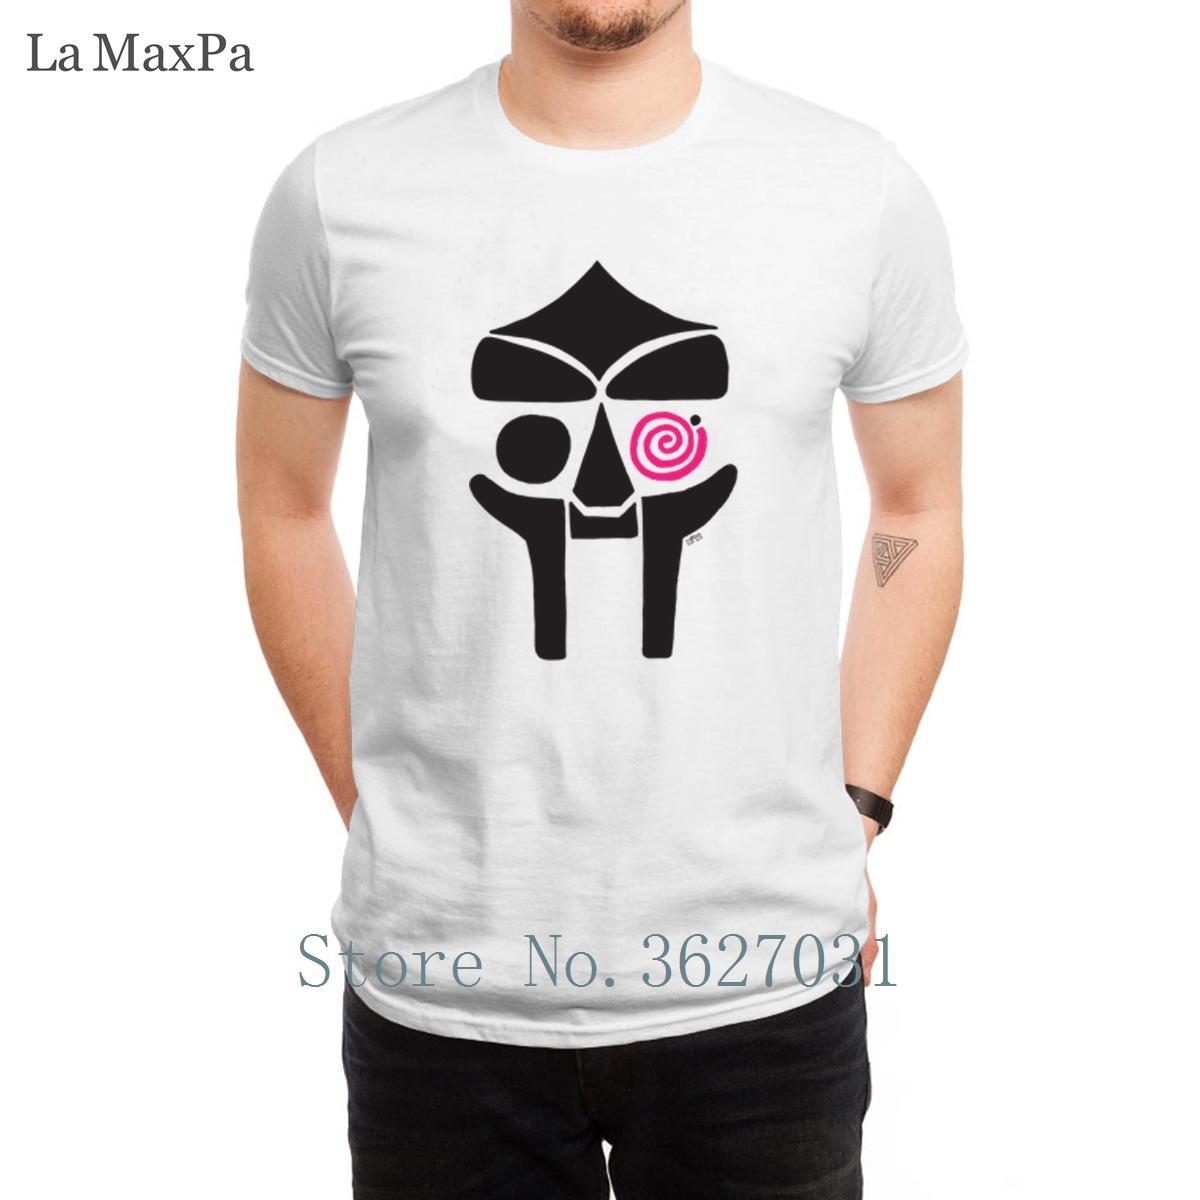 Letter T Customize Shirt Para os homens Trippy Perdição Família Verão Man Moda 100% algodão homens camisetas Pop Top Tee